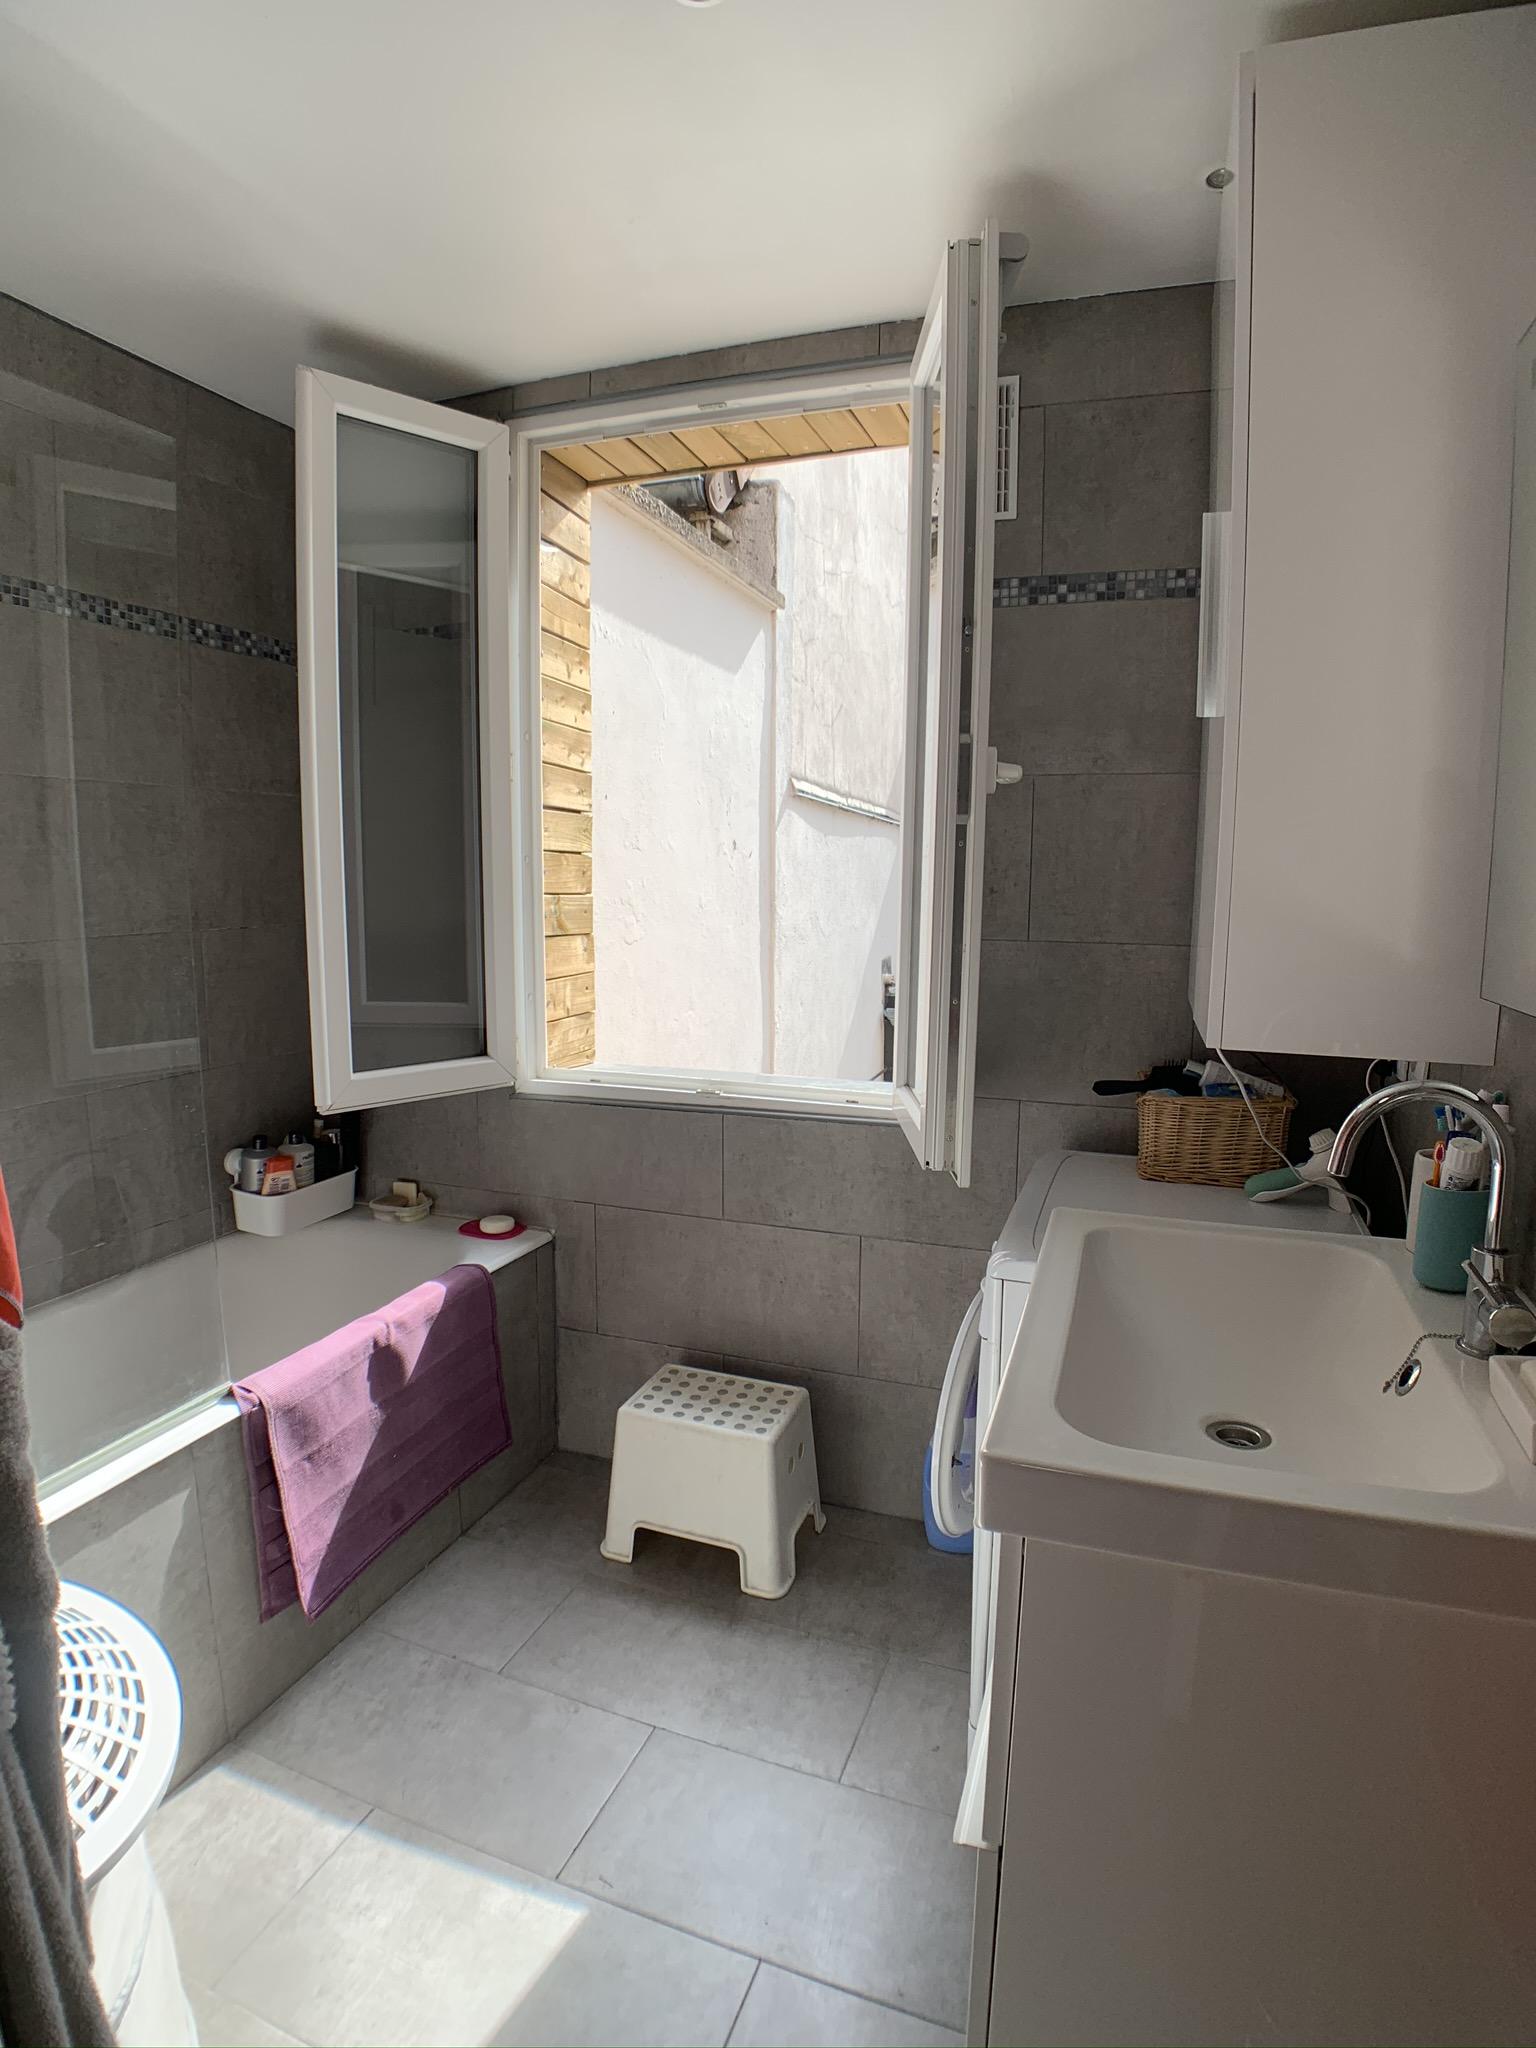 Salle de bains - Saint Ouen